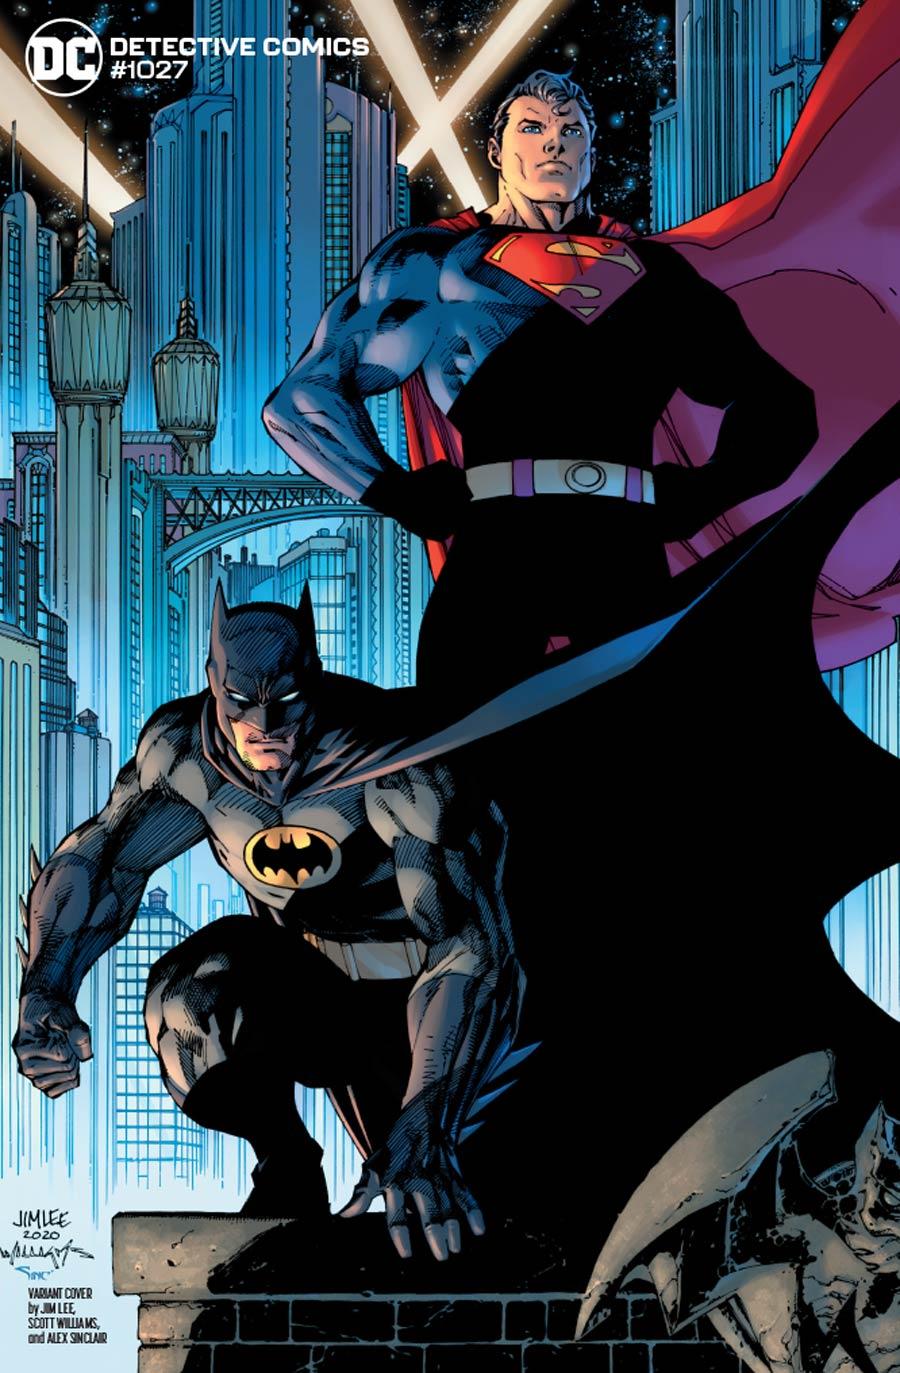 Detective Comics Vol 2 #1027 Cover F Variant Jim Lee & Scott Williams Batman & Superman Cover